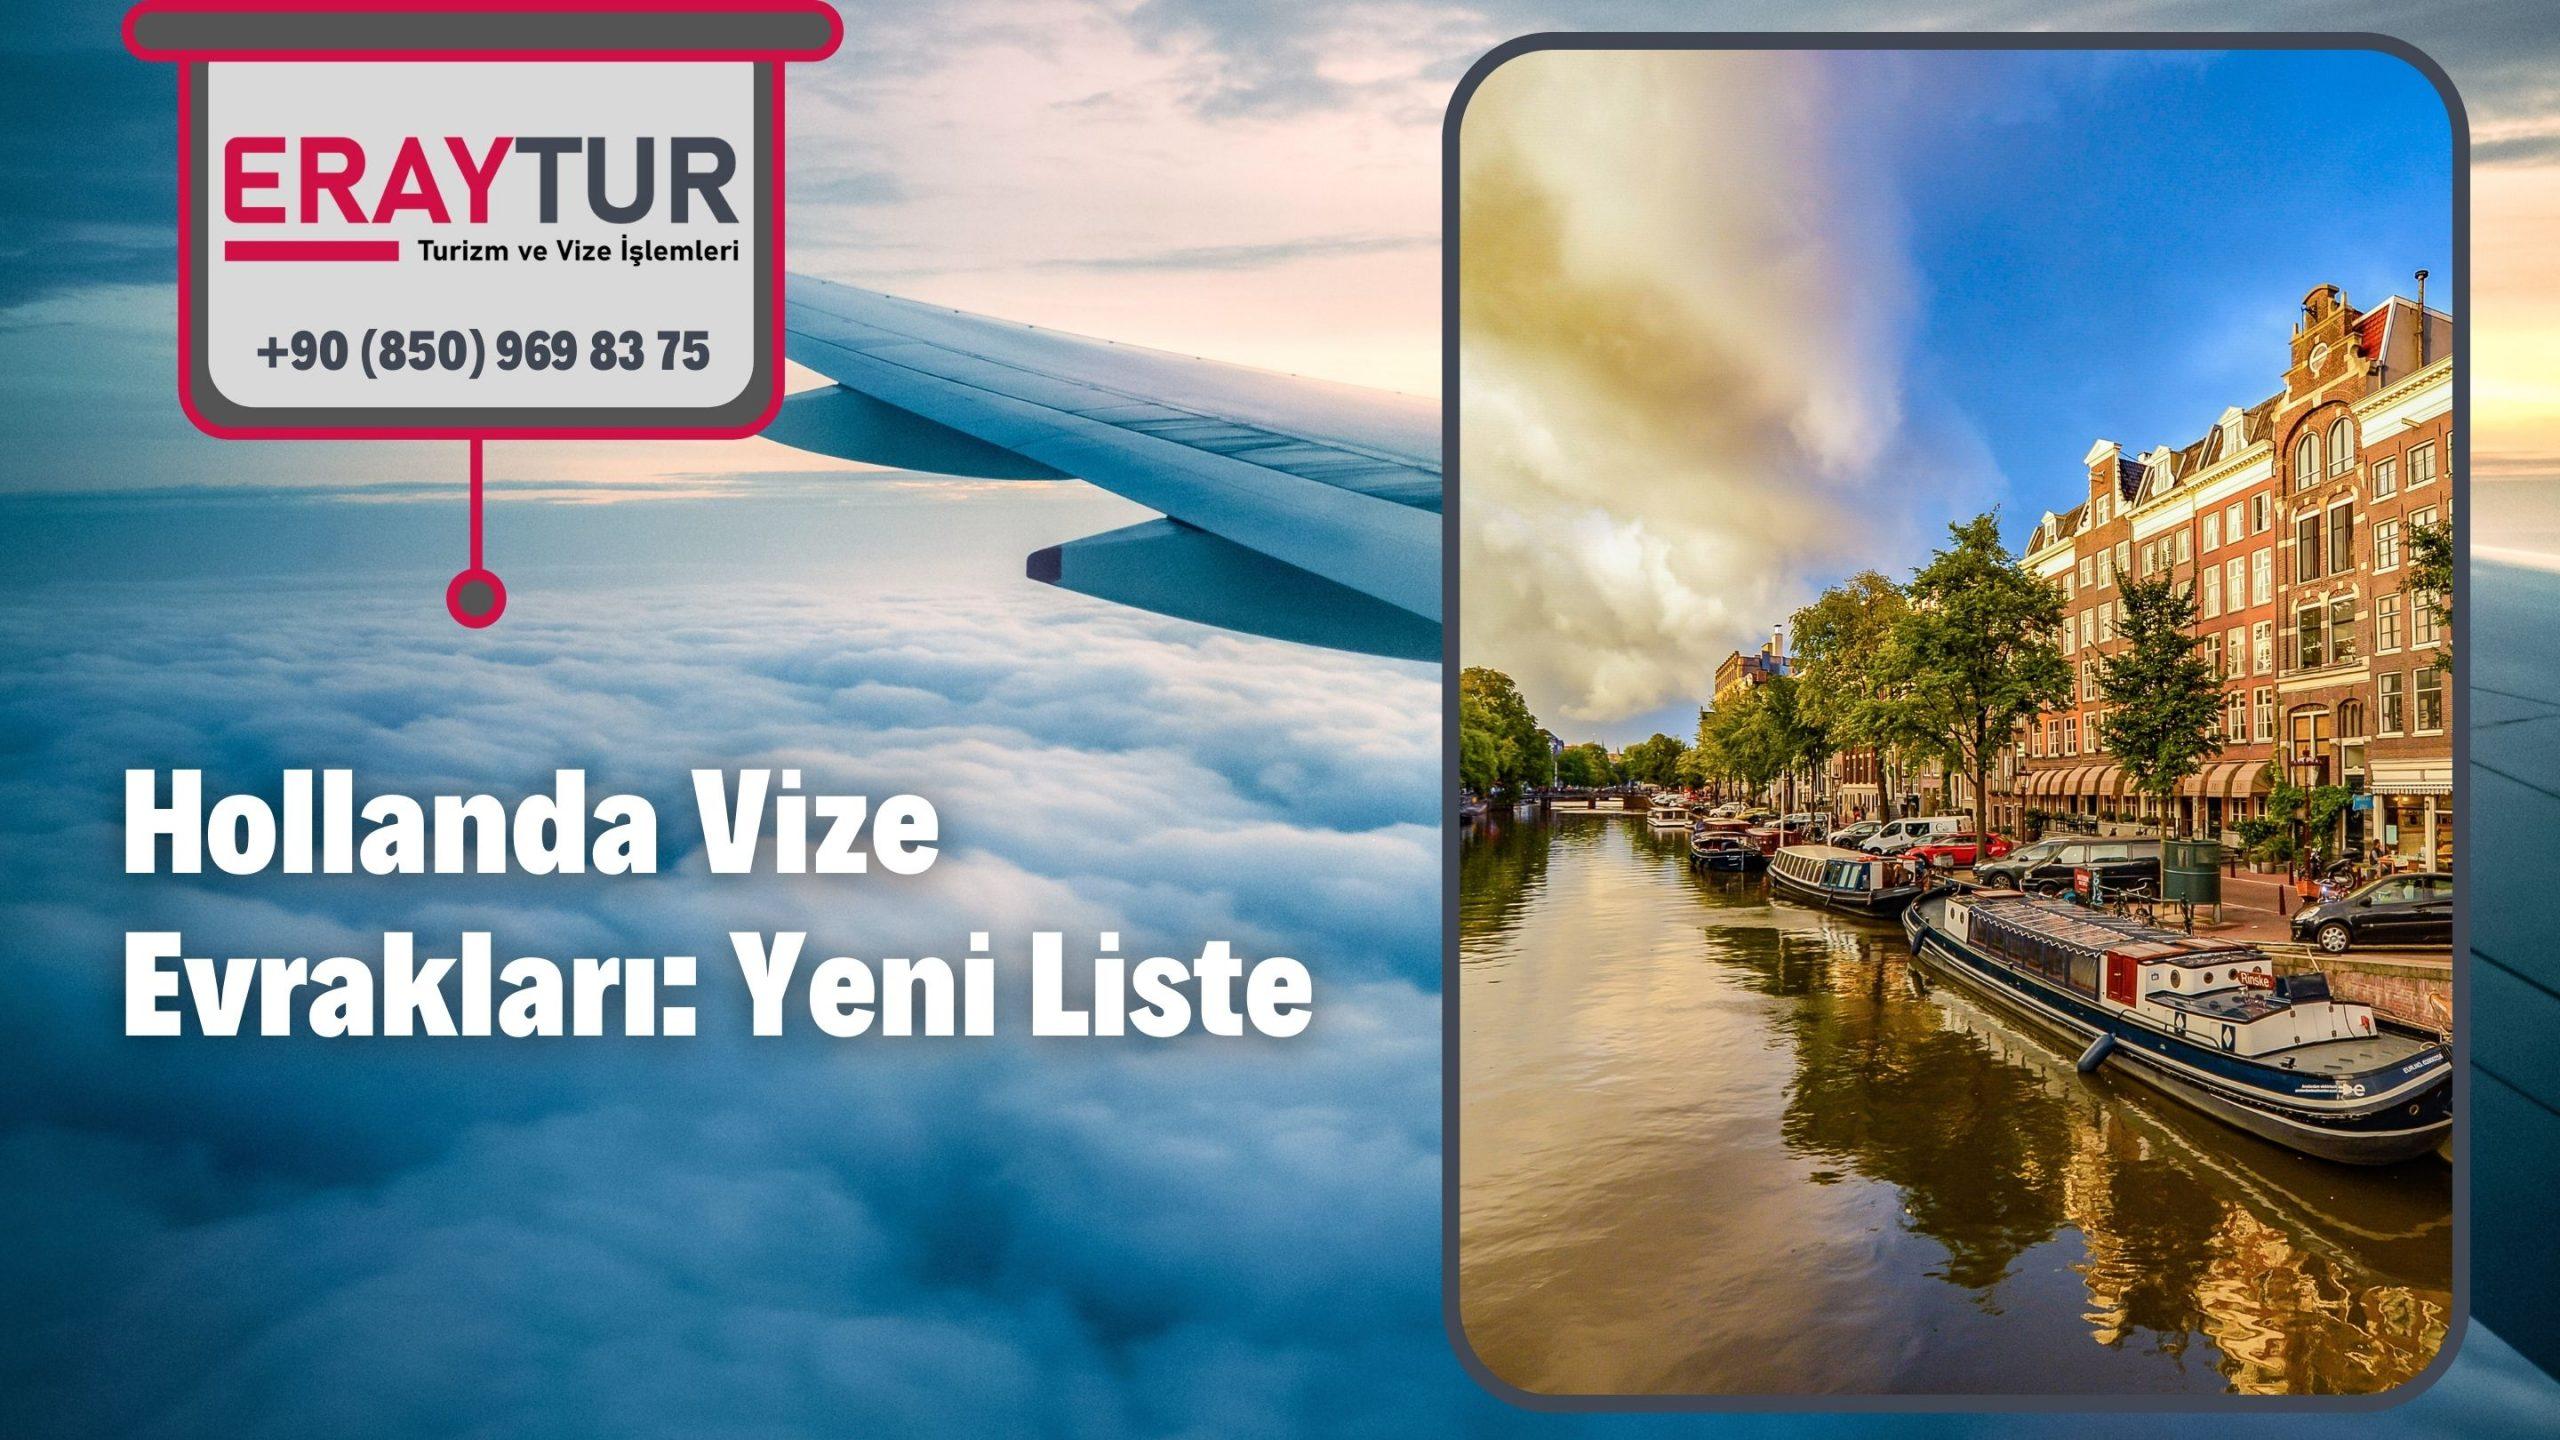 Hollanda Vize Evrakları: Yeni Liste [2021]